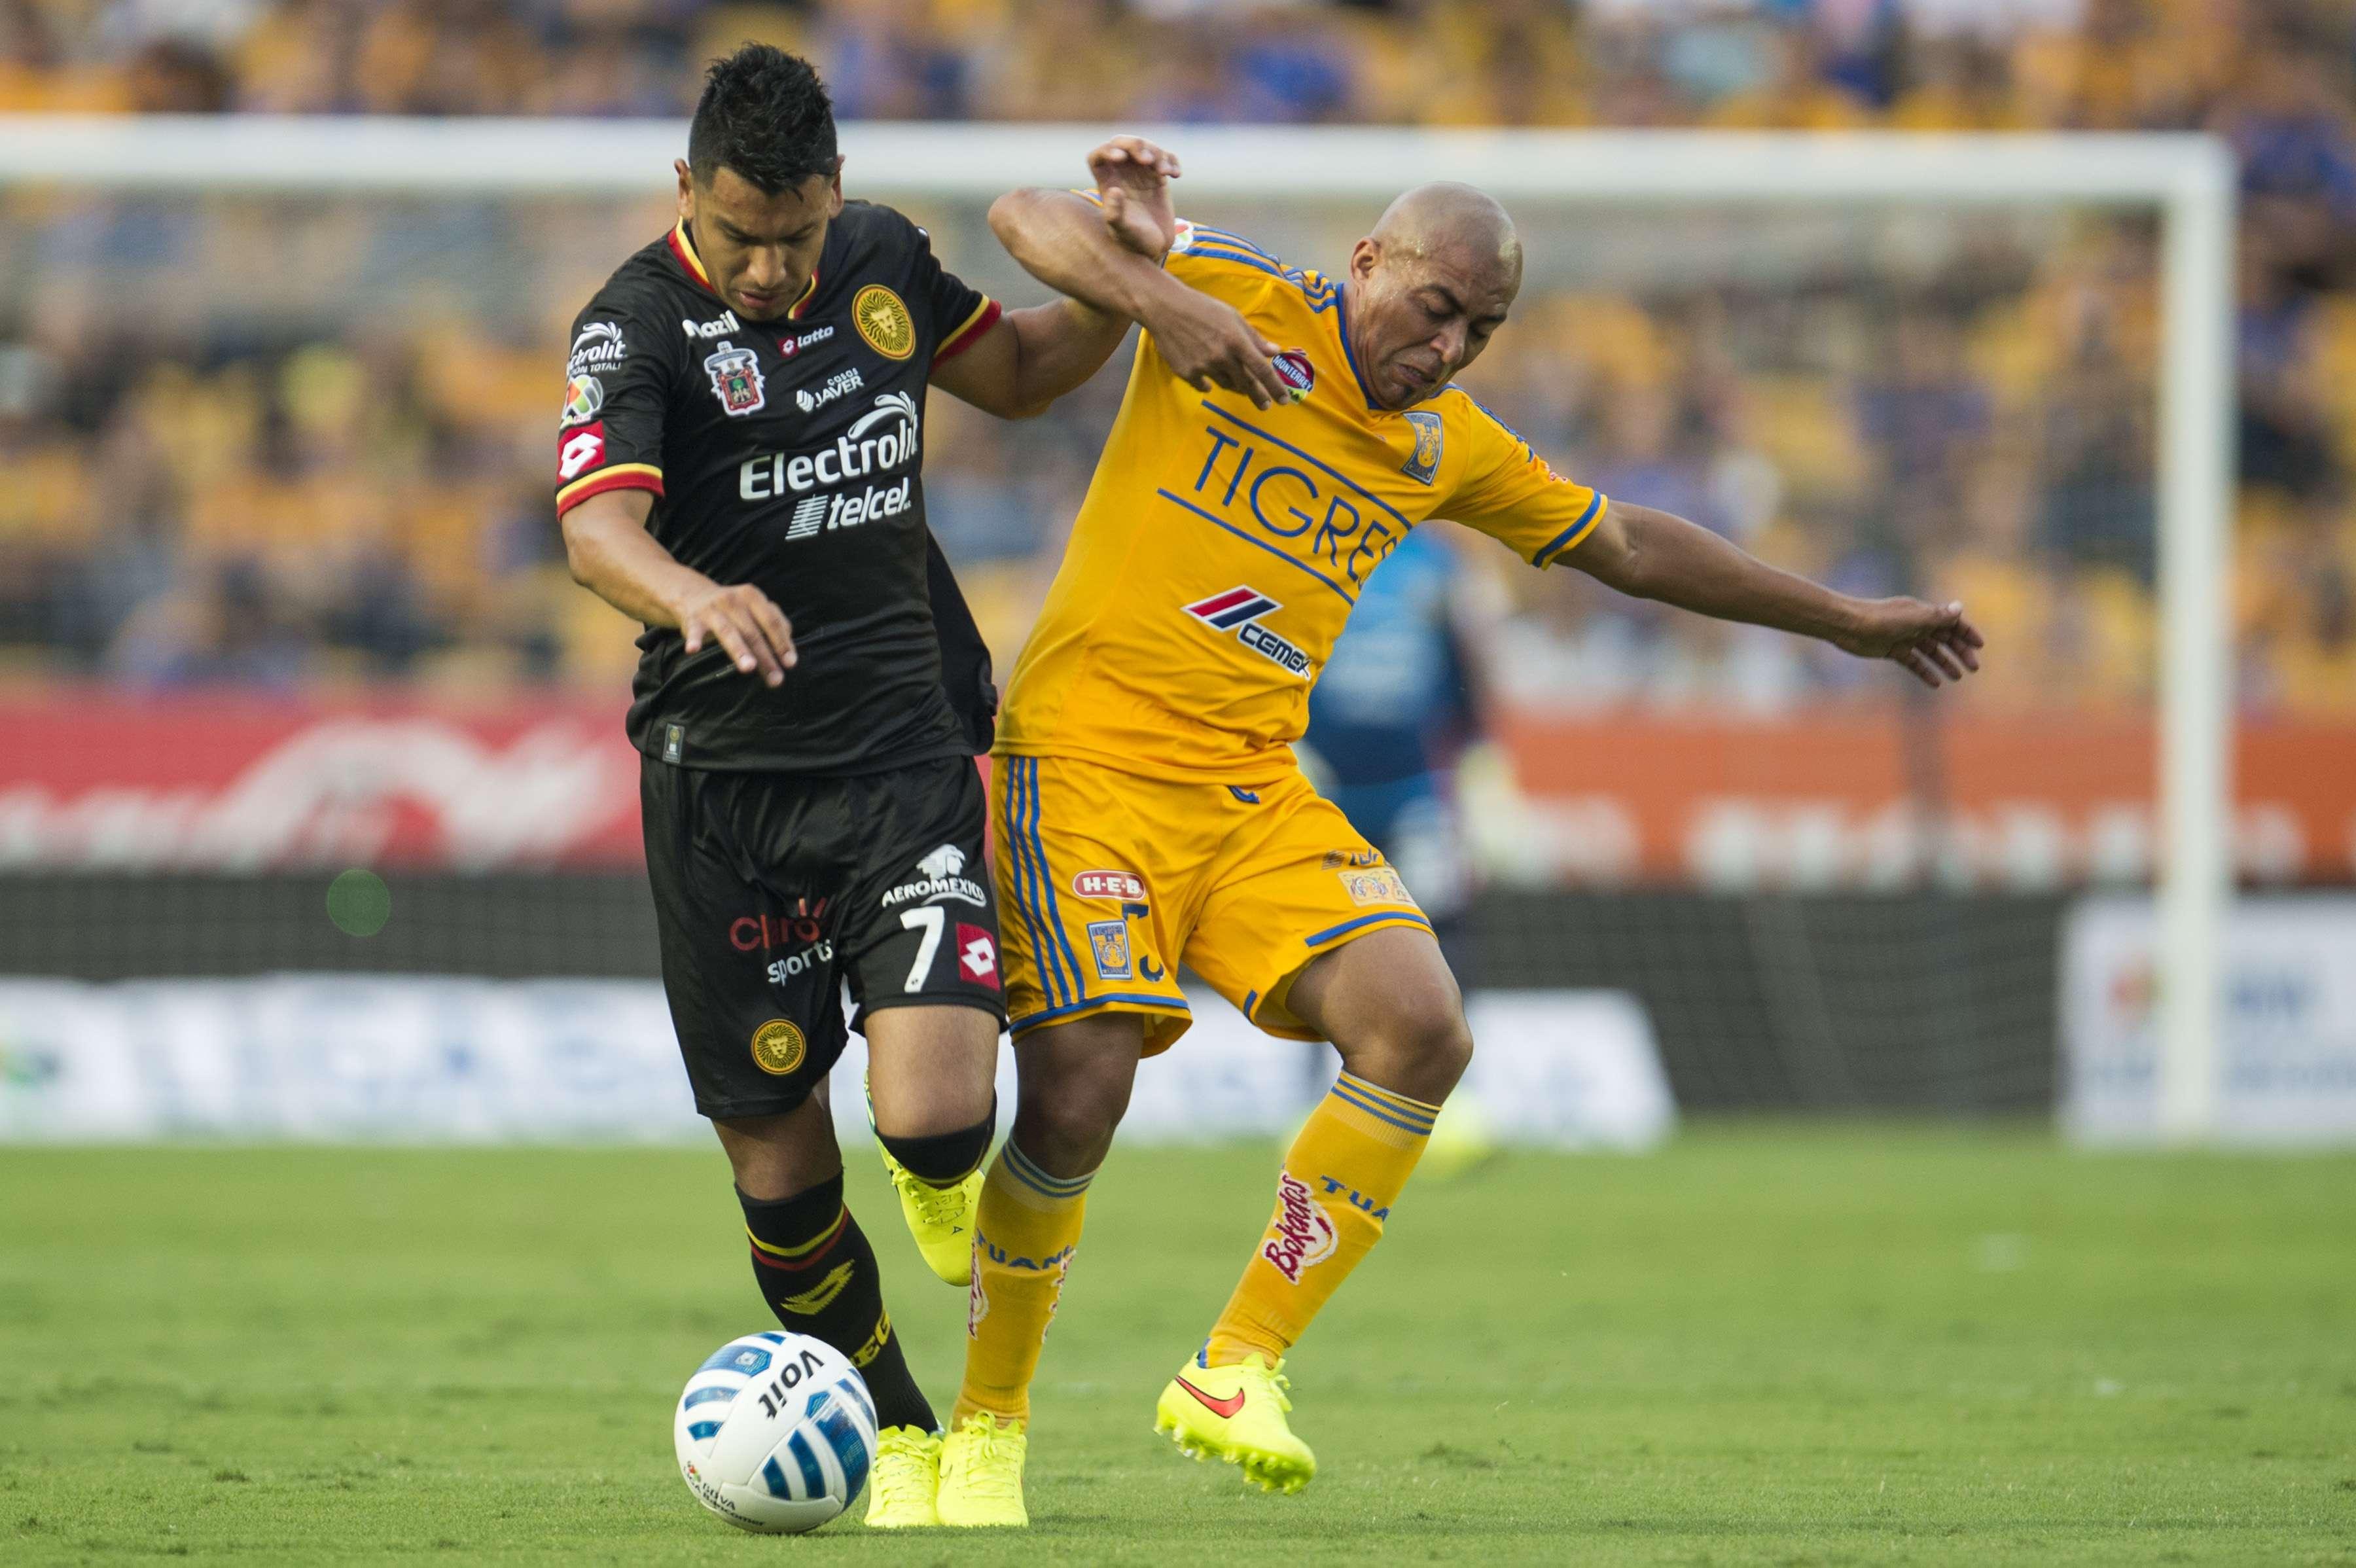 Con gol de Gerardo Lugo Tigres logró una sufrida victoria 1-0 sobre Leones Negros, luego de que Jorge Torres Nilo fue expulsado al minuto 27. Foto: Mexsport